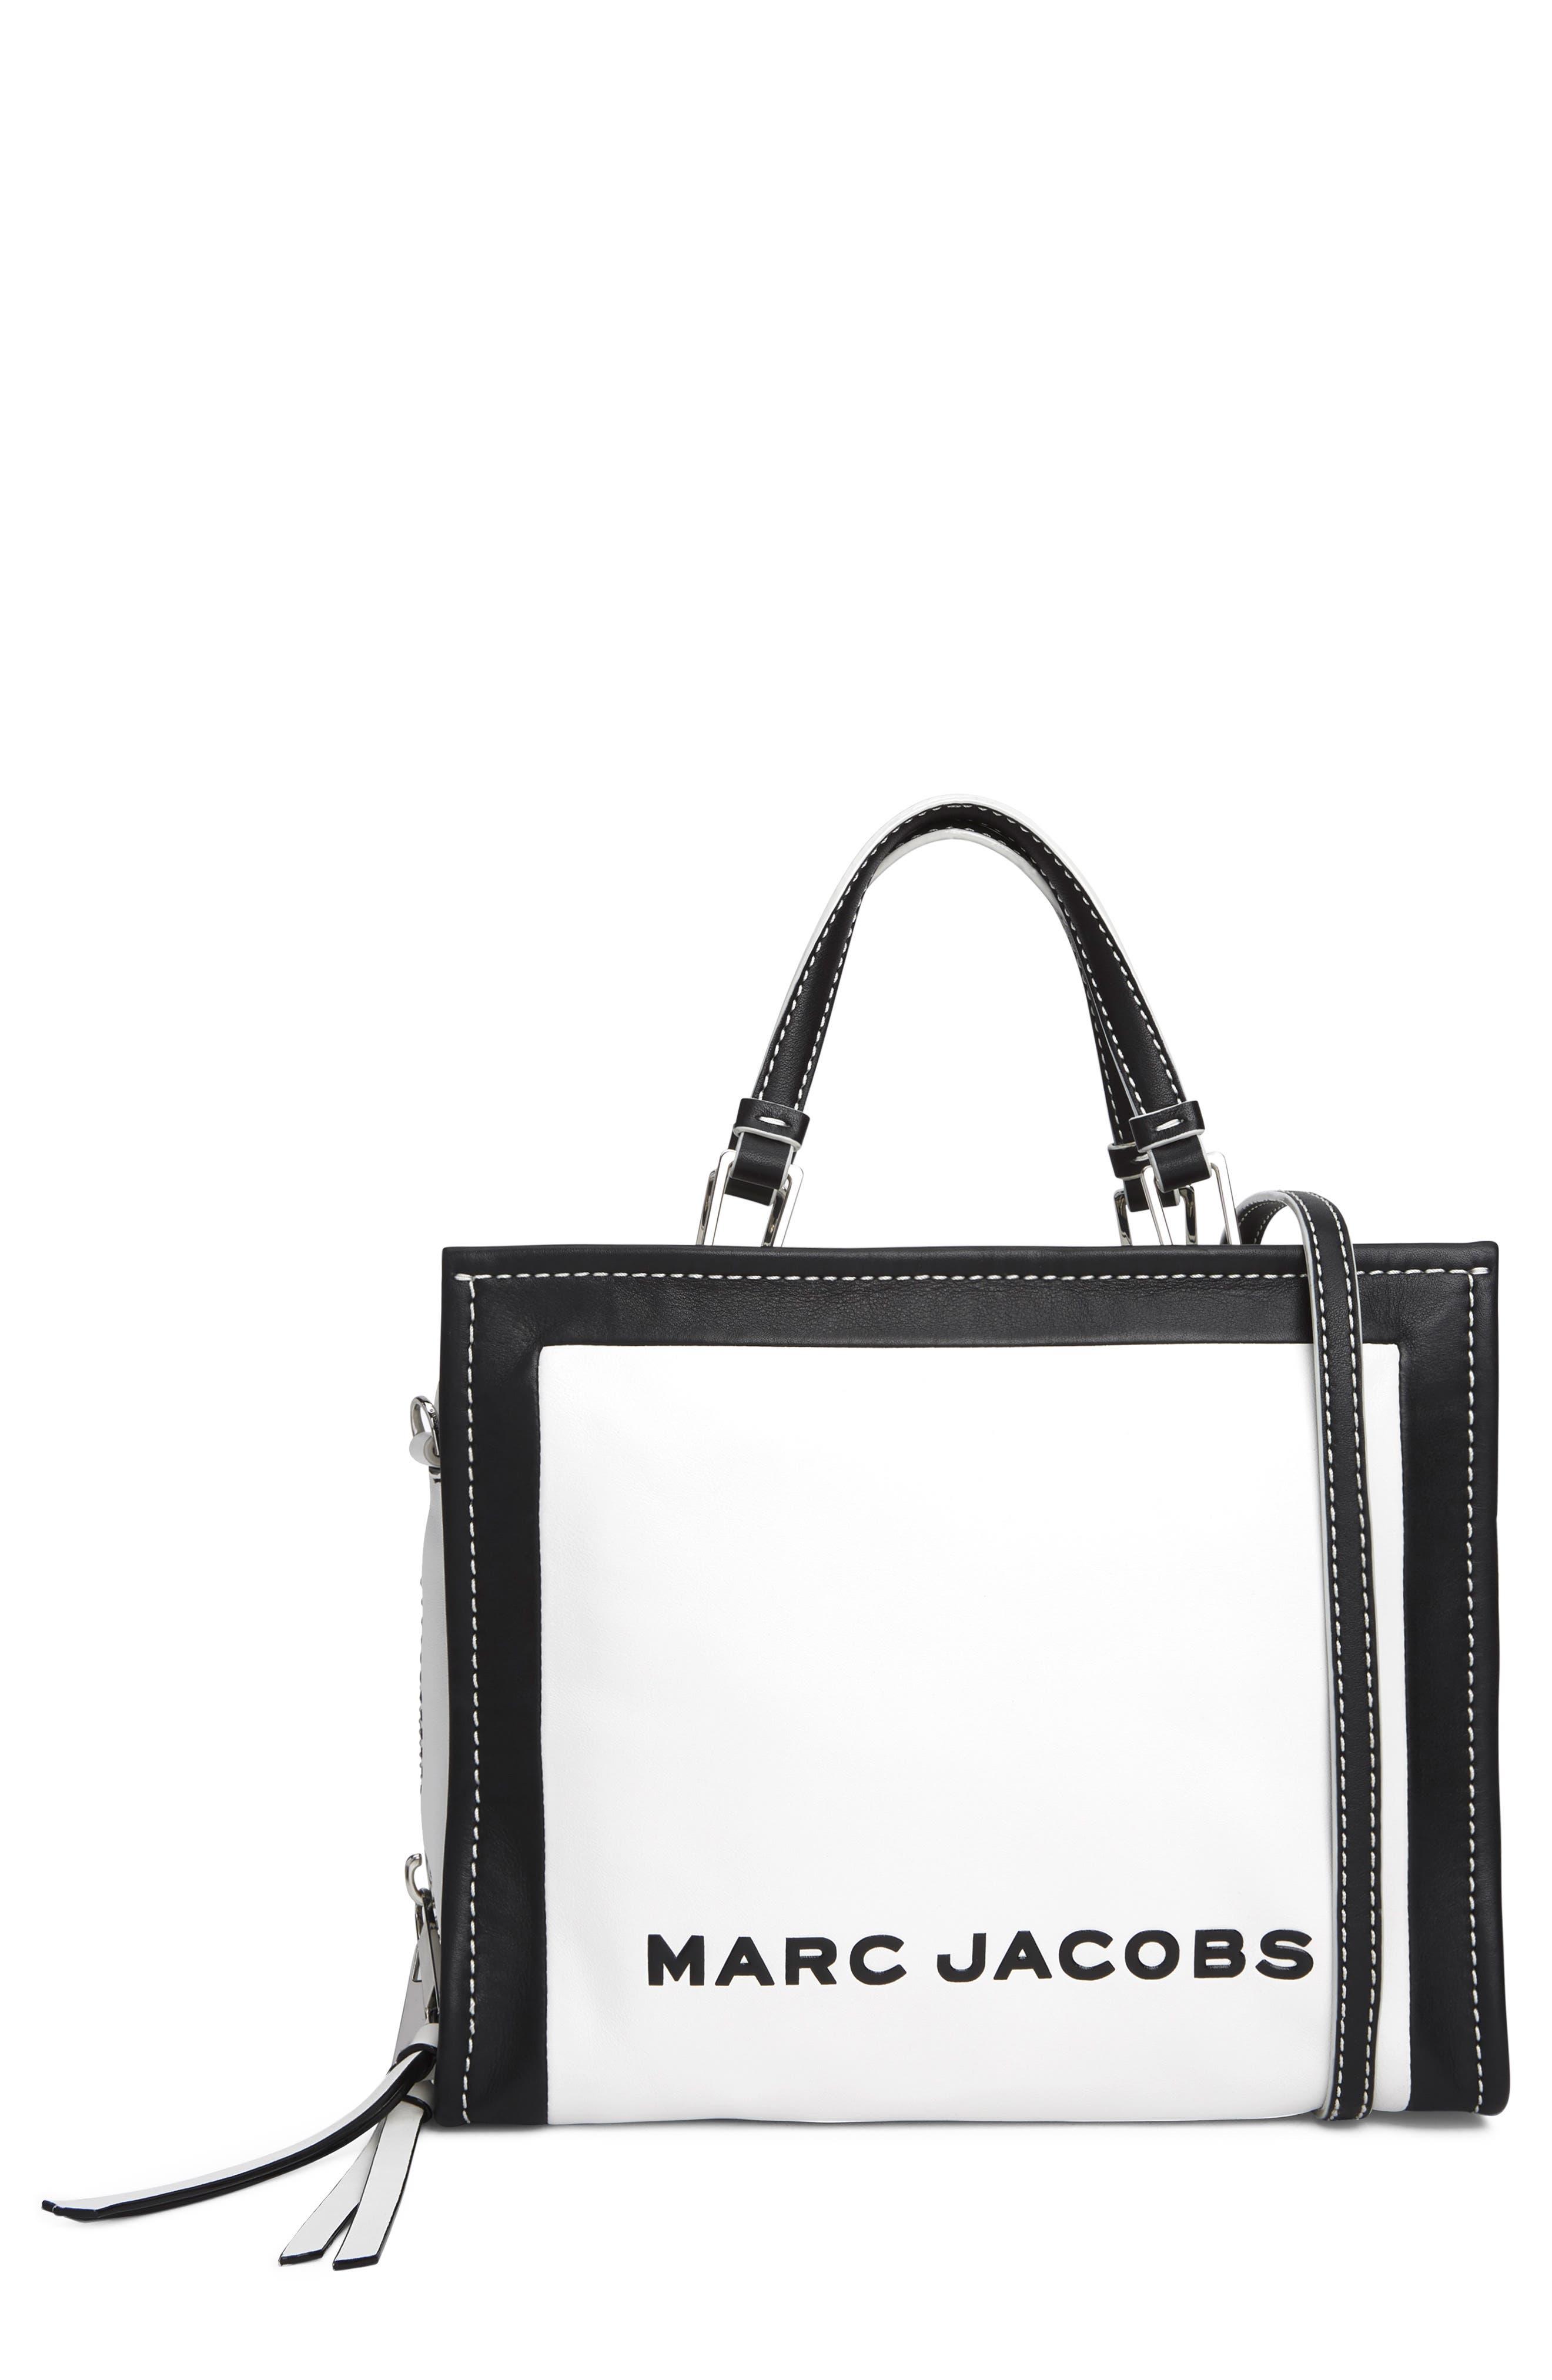 MARC JACOBS,                             The Box 29 Colorblock Leather Satchel,                             Main thumbnail 1, color,                             COTTON MULTI